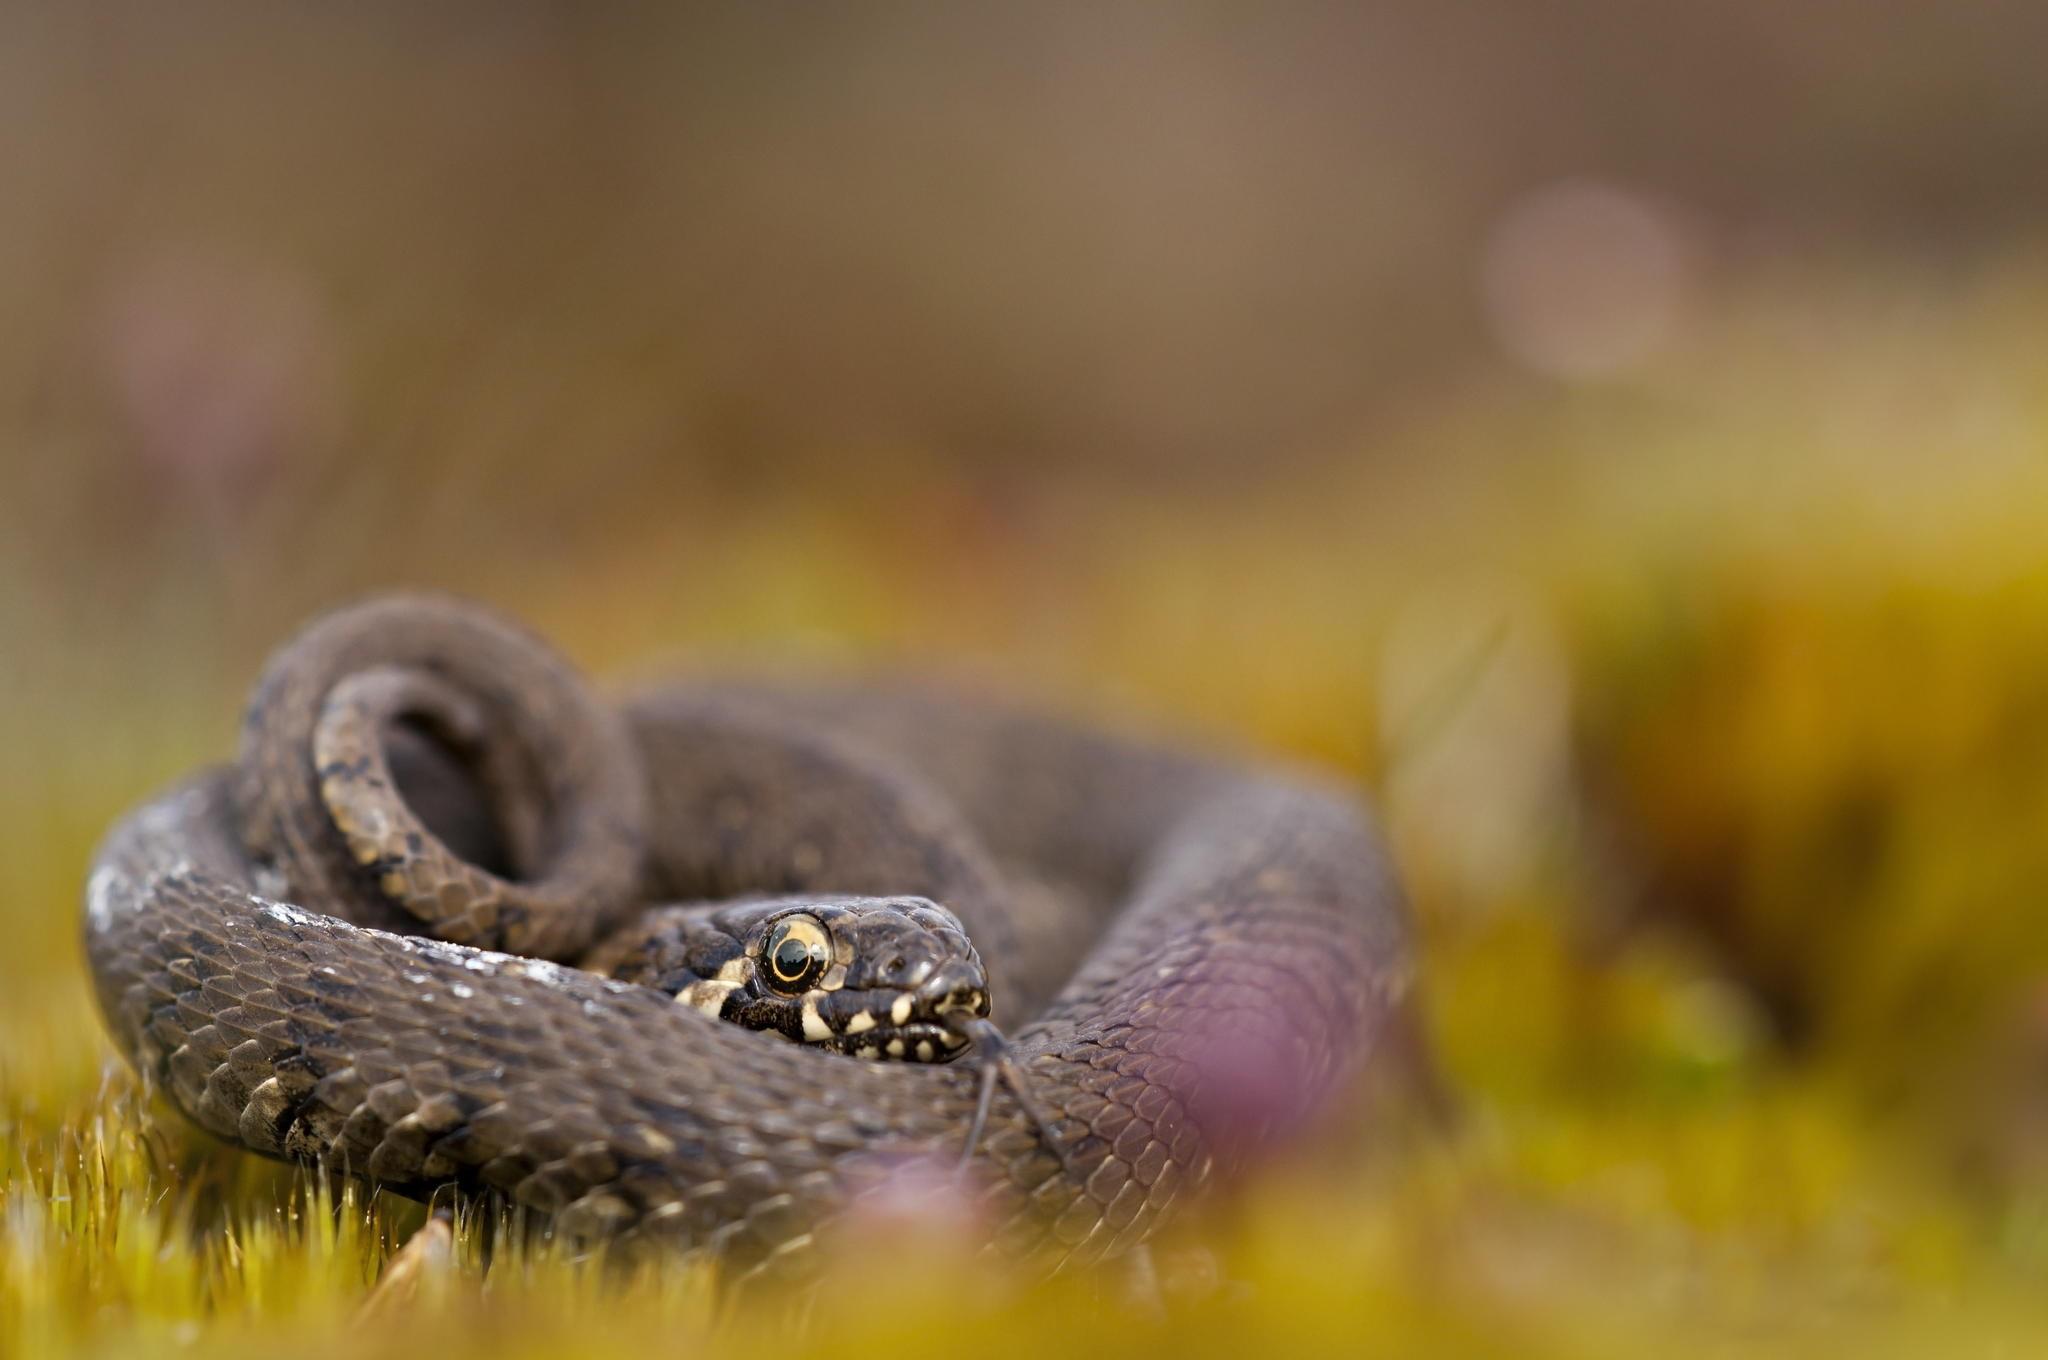 доминант фото макросъемка змеи недостатки кухонных